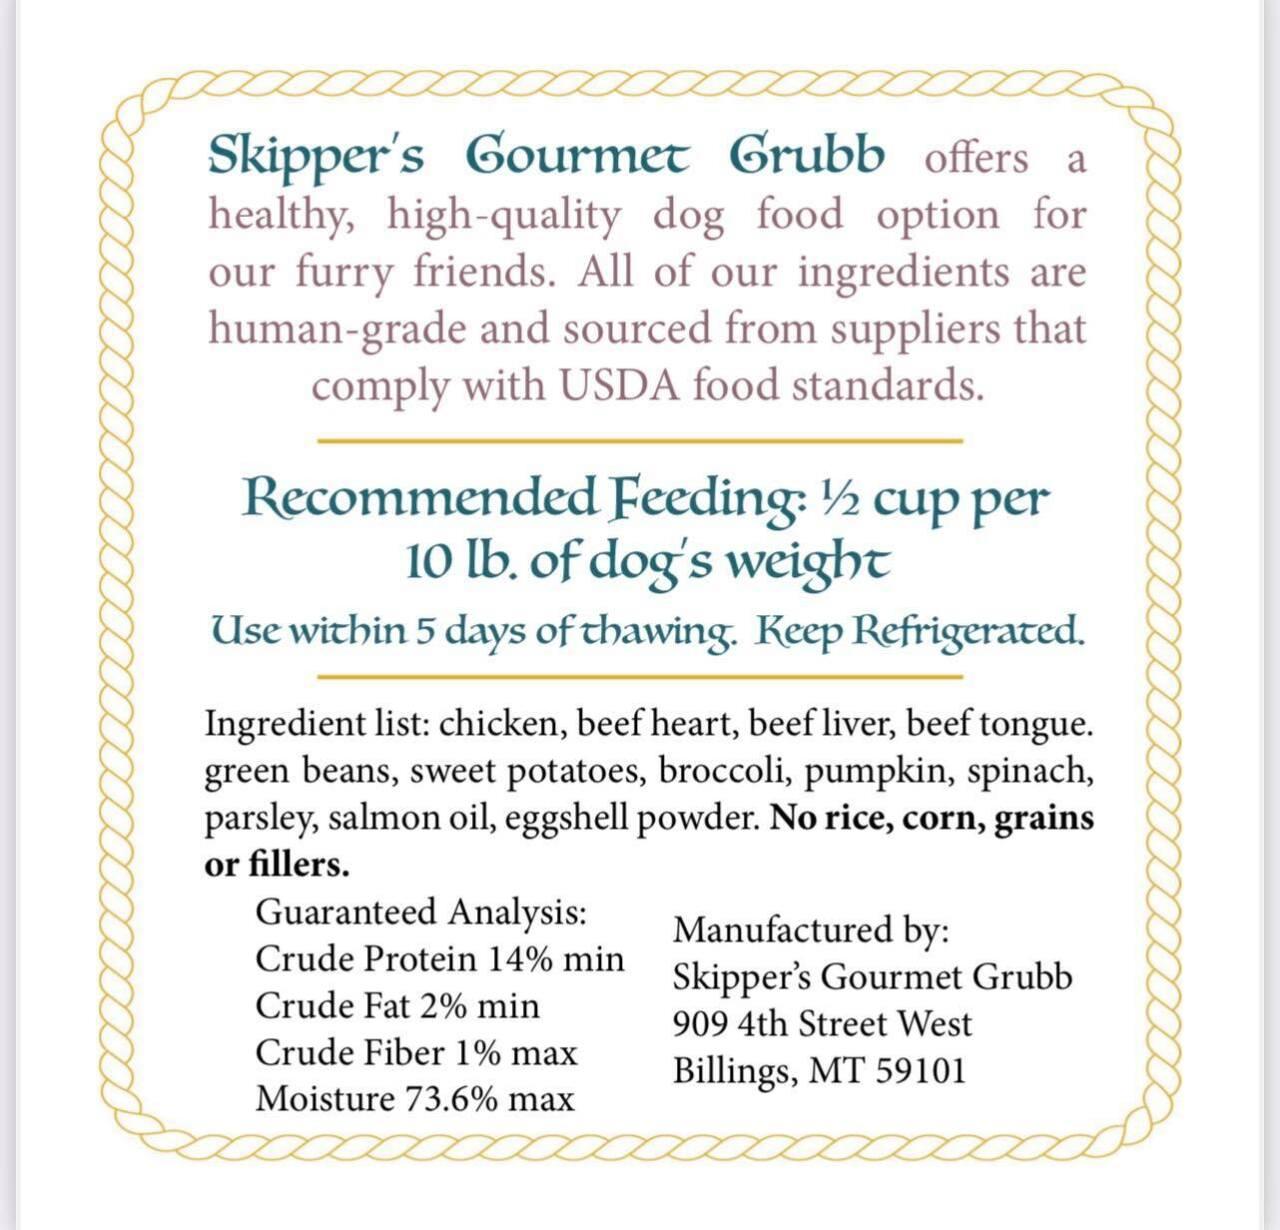 Skipper's Gourmet Grubb ingredients